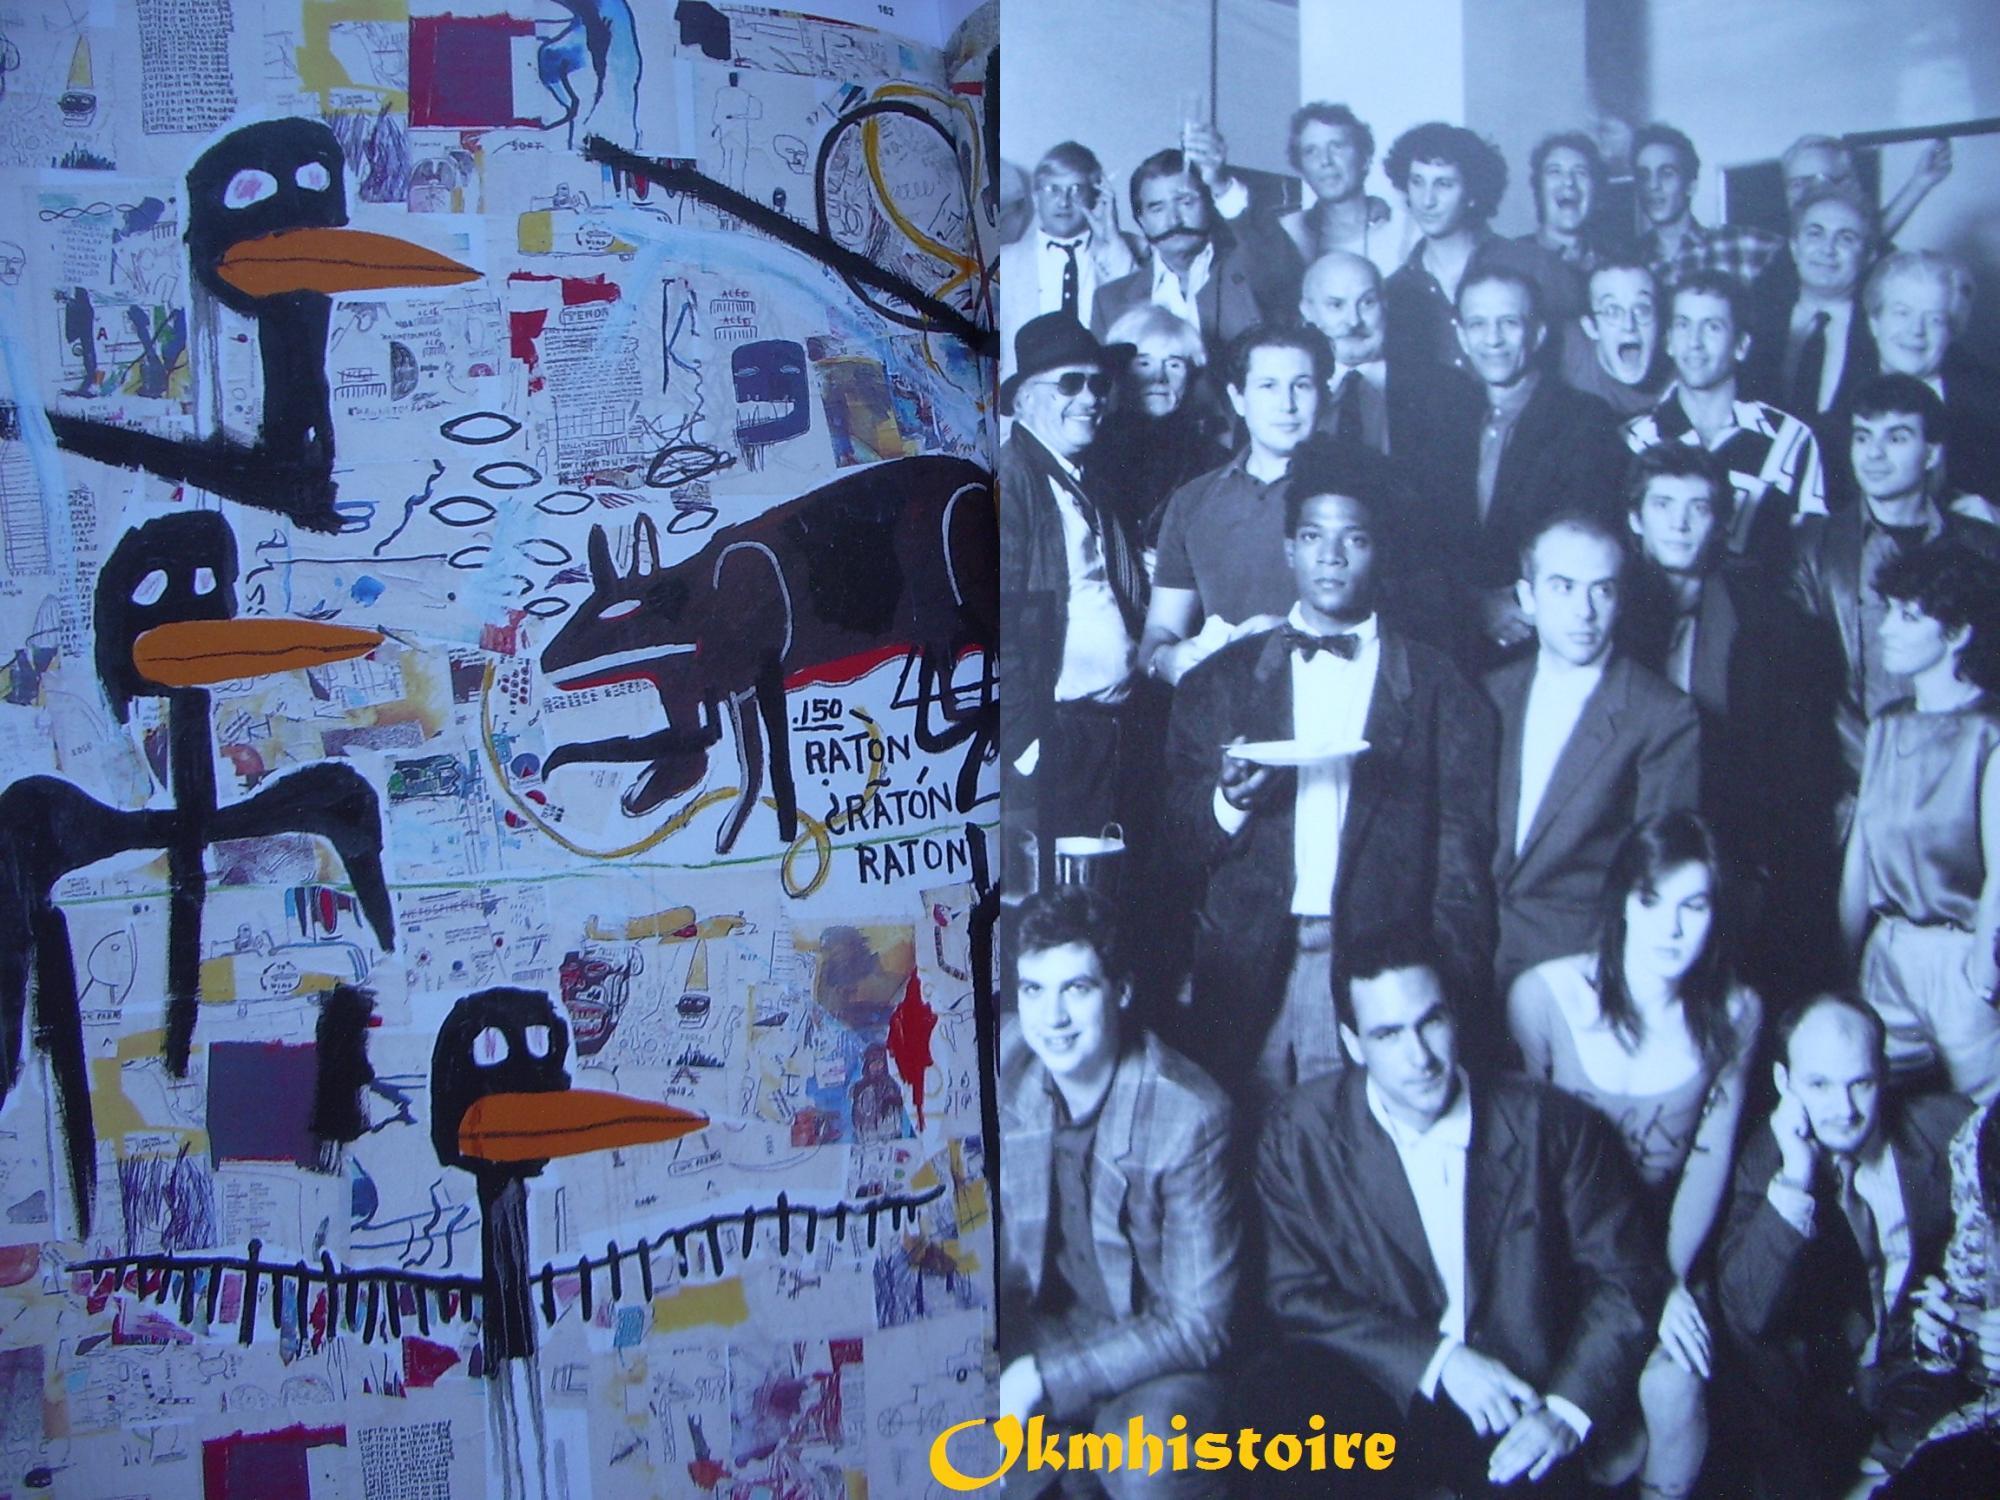 jean michel basquiat catalogue exposition mus e d 39 art moderne de la ville de paris. Black Bedroom Furniture Sets. Home Design Ideas